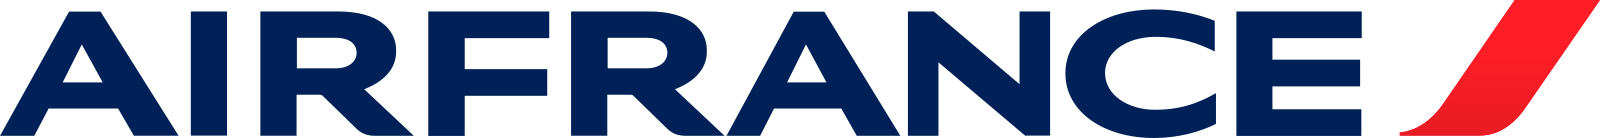 air france logo 2 - Air France Logo